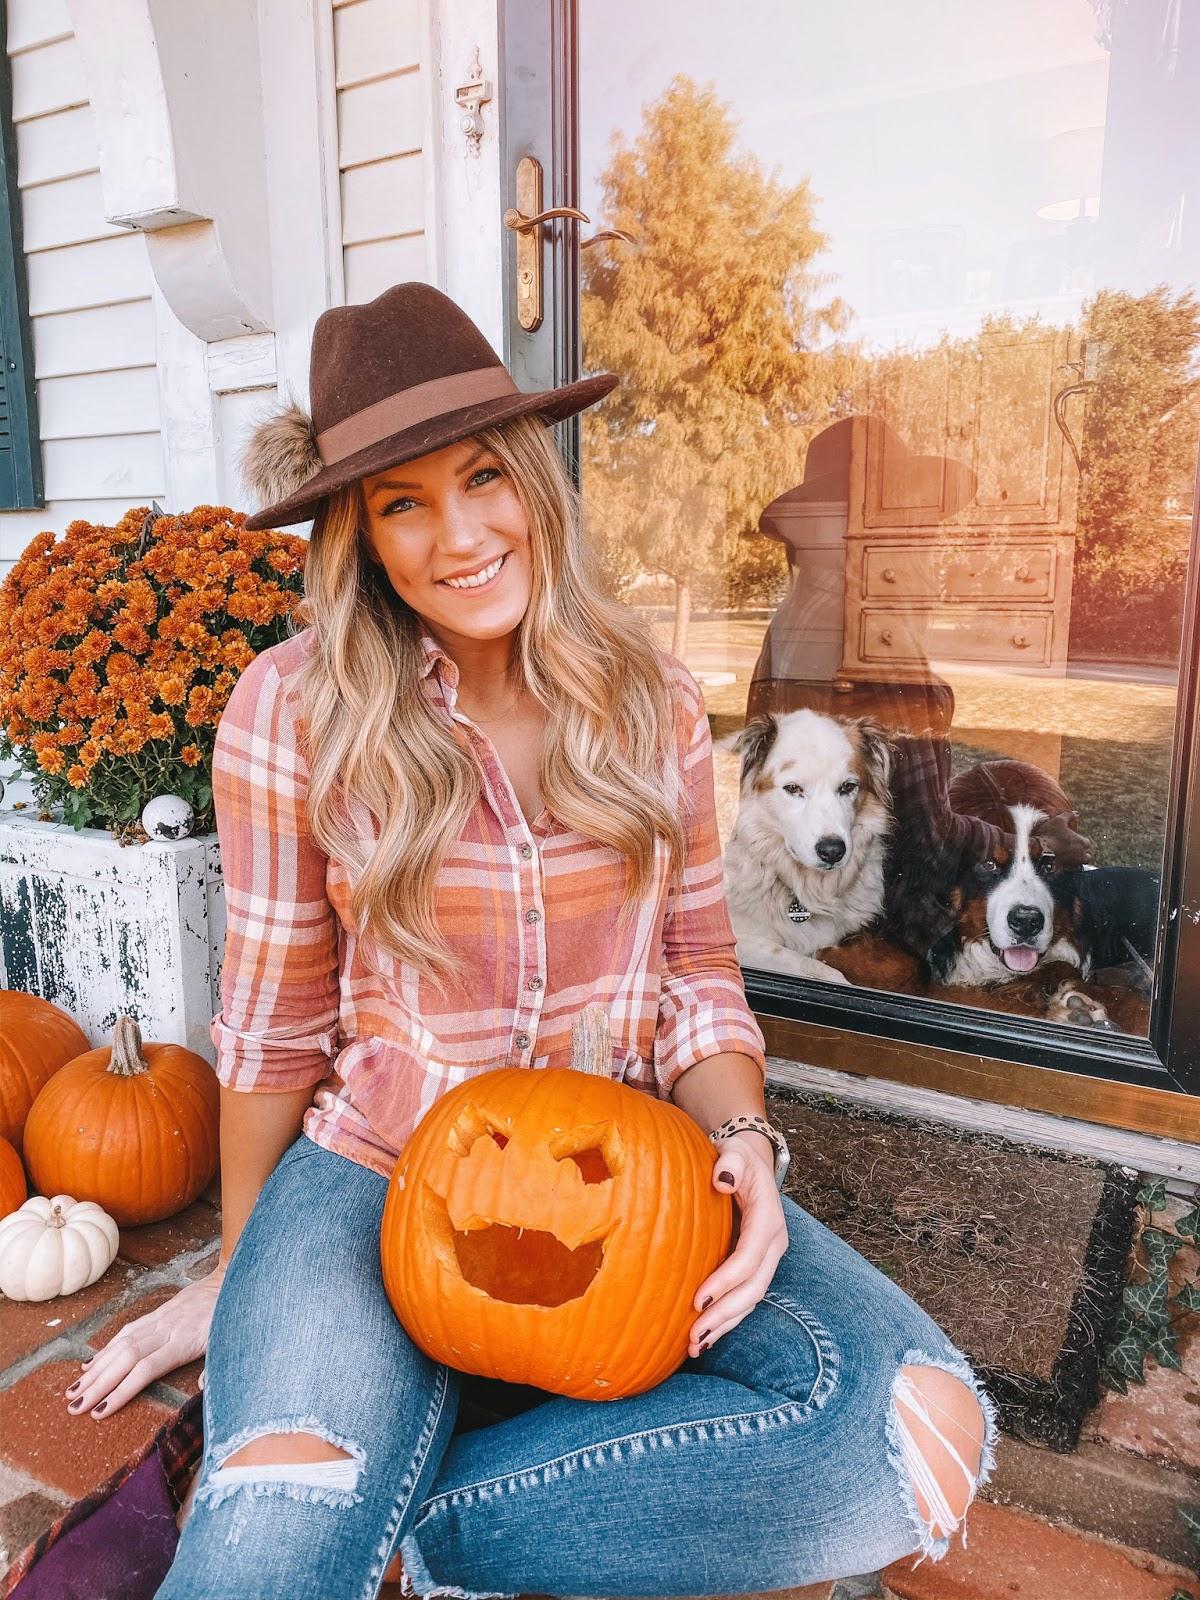 OKC blogger Amanda Martin shares a pom pom fedora and plaid shirt for fall outfit ideas